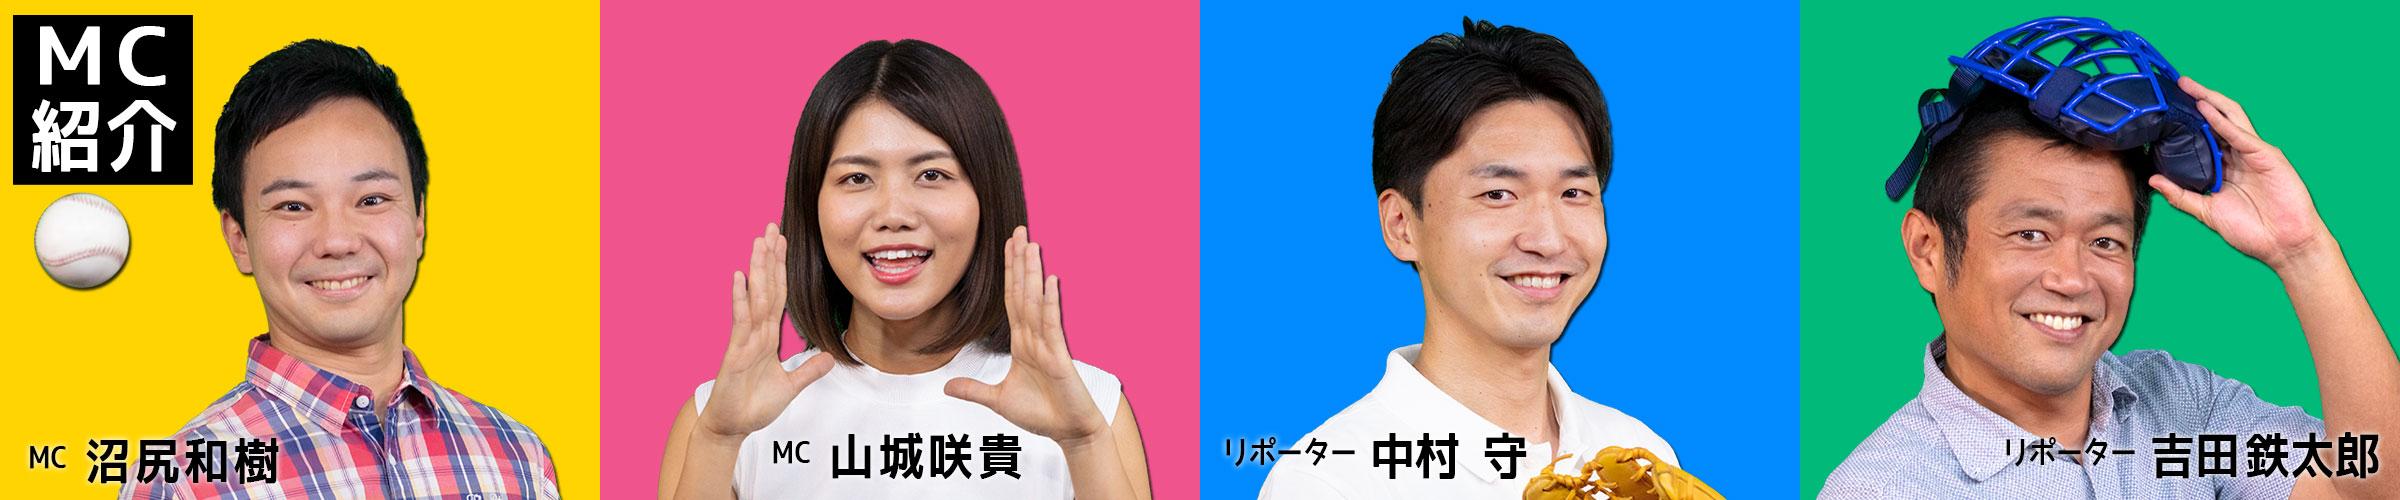 2020速報!! めざせ甲子園!MC紹介